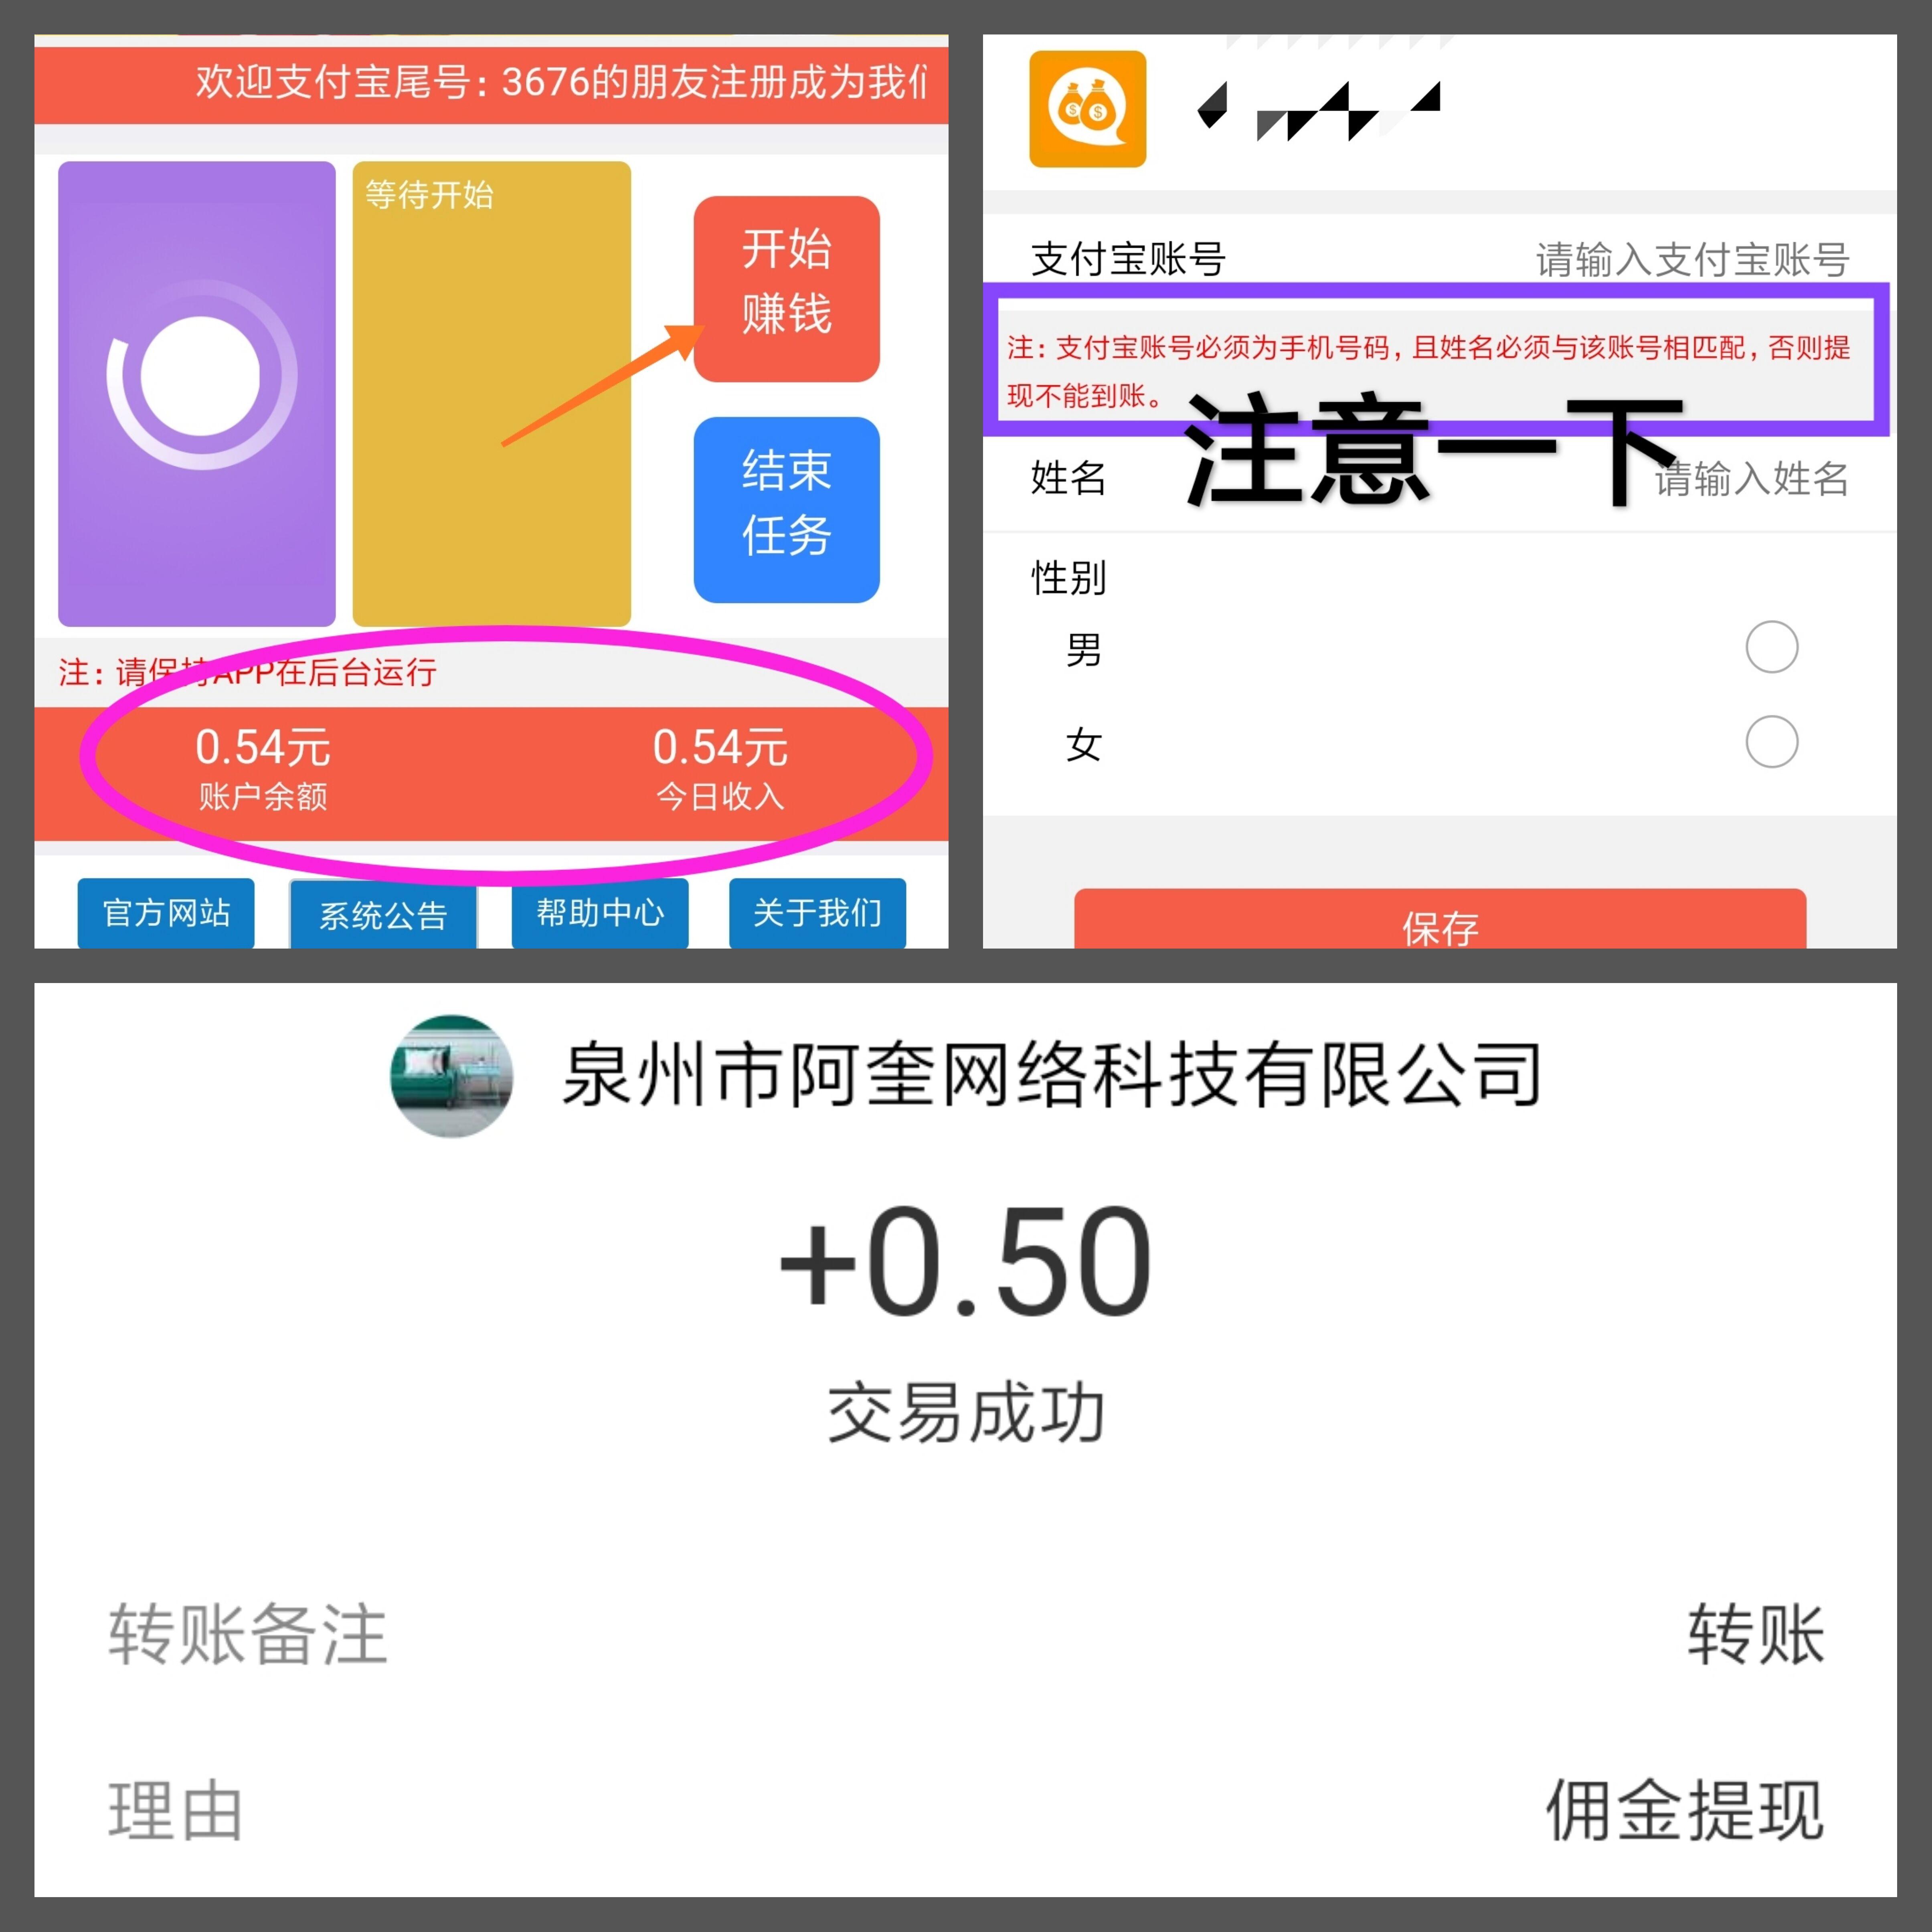 钱e:骗子平台每天0.5。插图